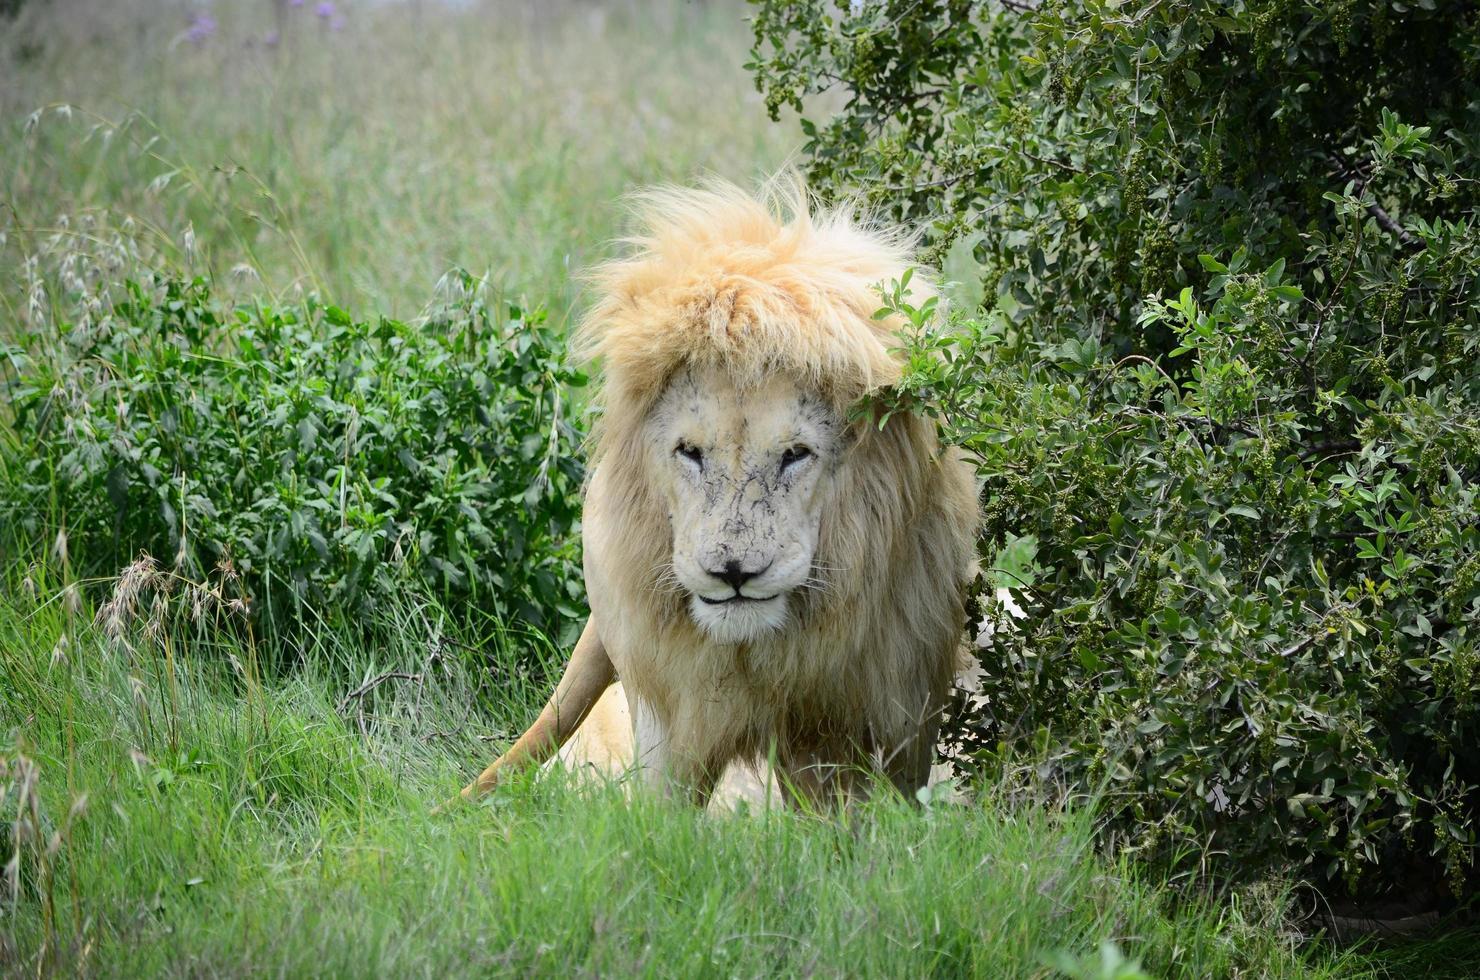 leone vicino a cespugli verdi foto